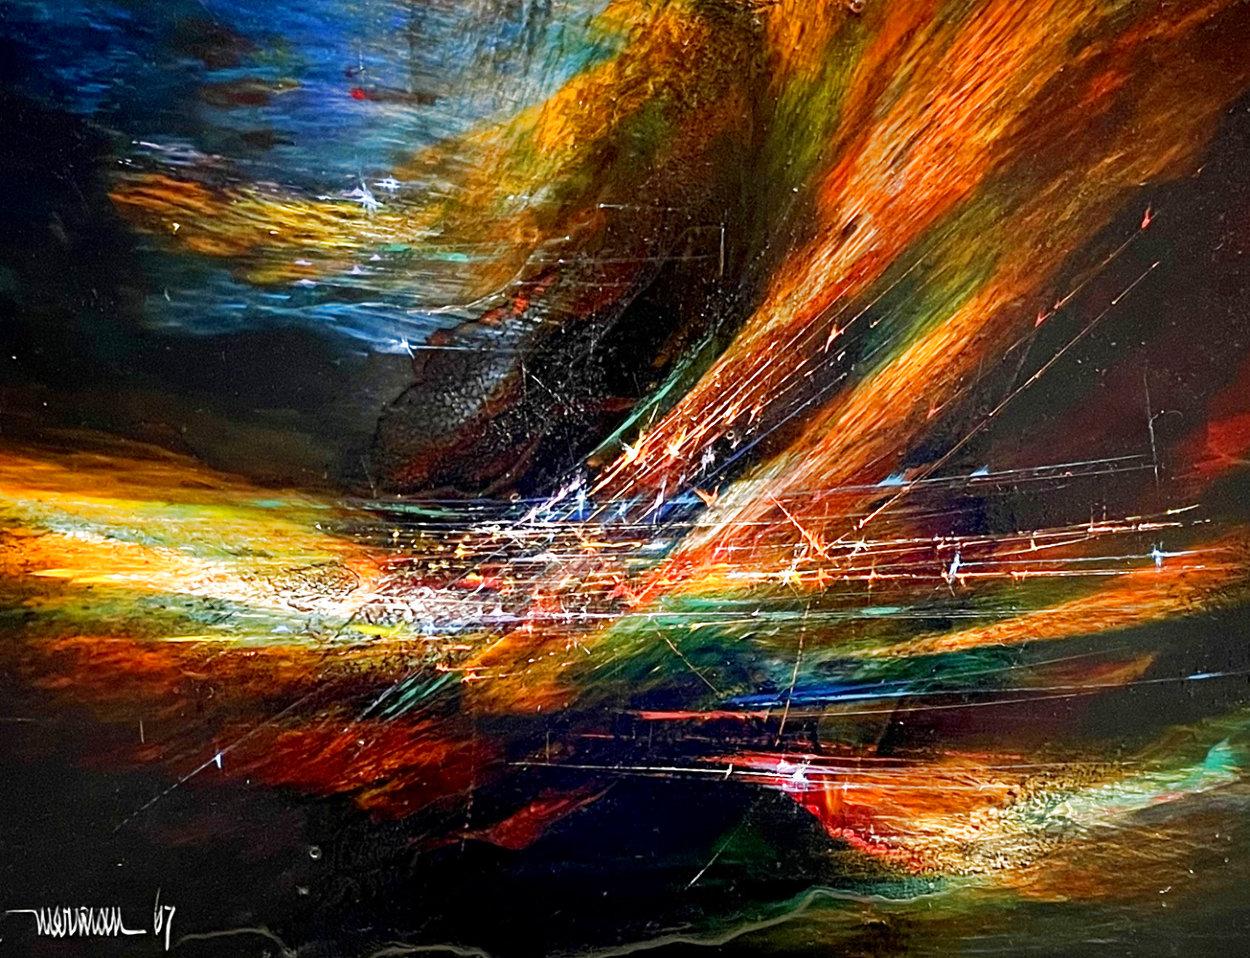 Wind in the Valley 1967 17x20 Original Painting by Leonardo Nierman